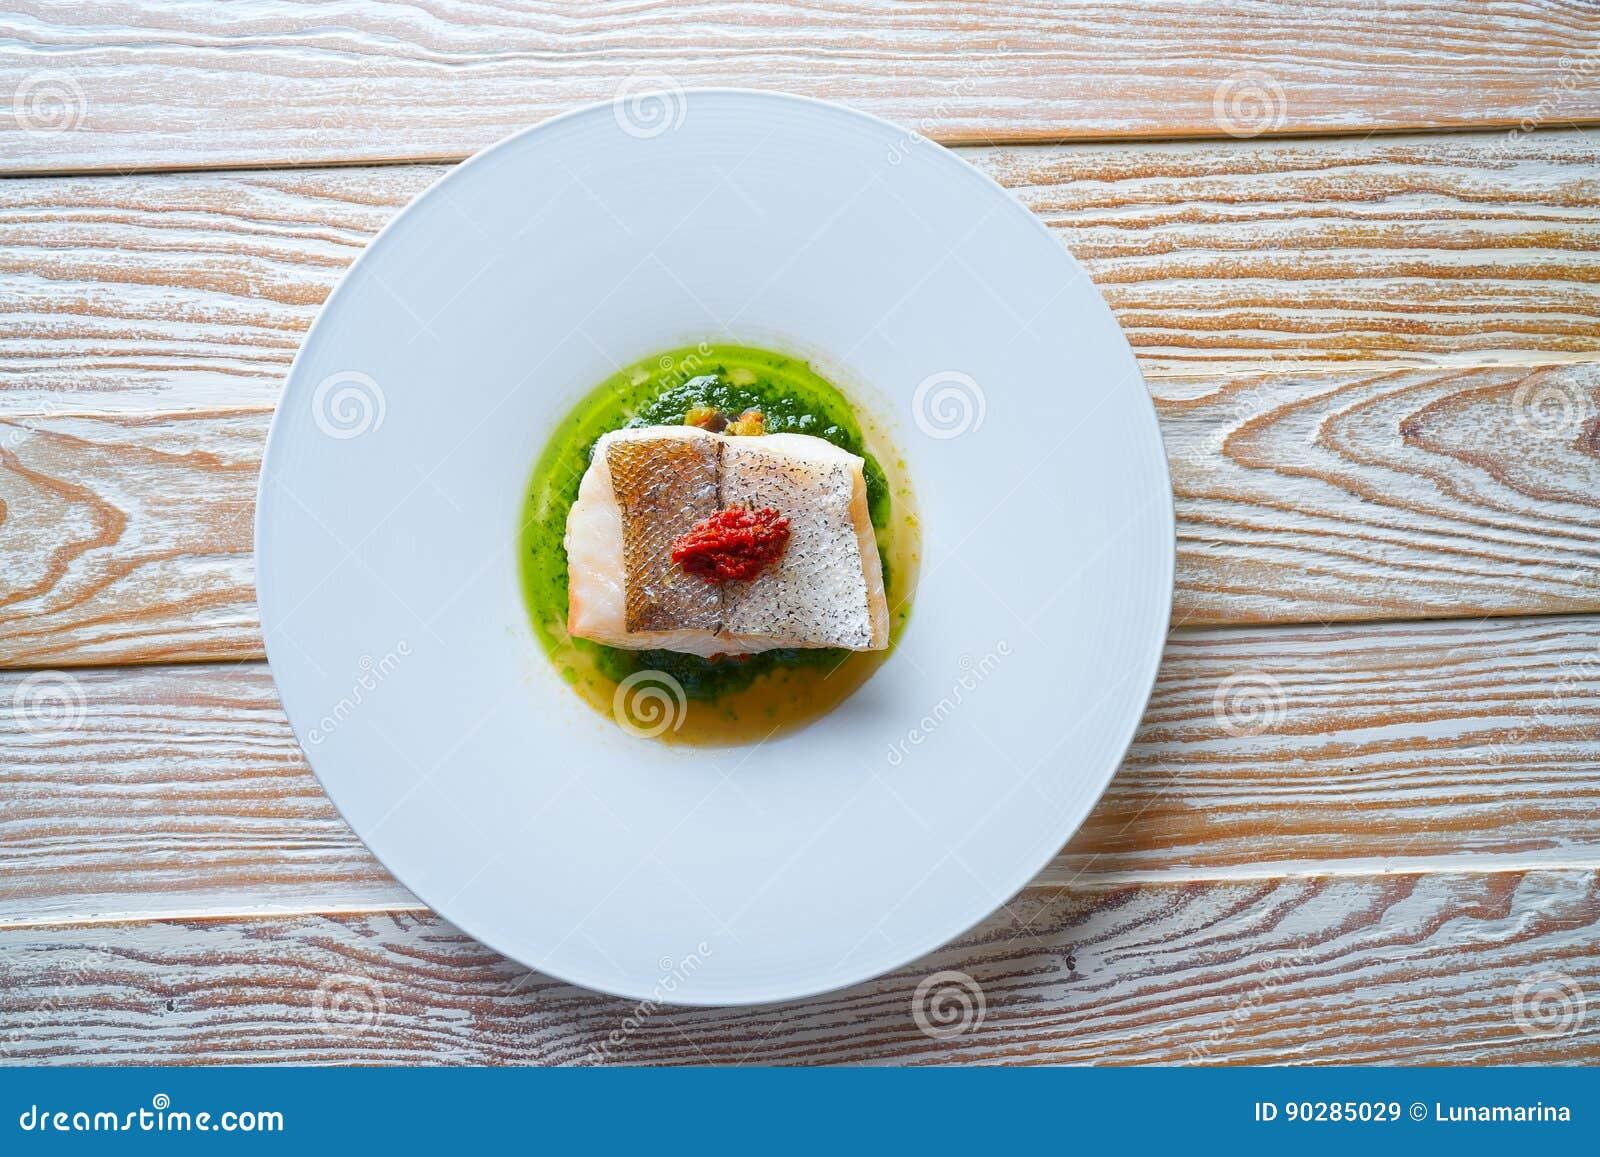 Atlantisk kummel över torkad tomatratatouille